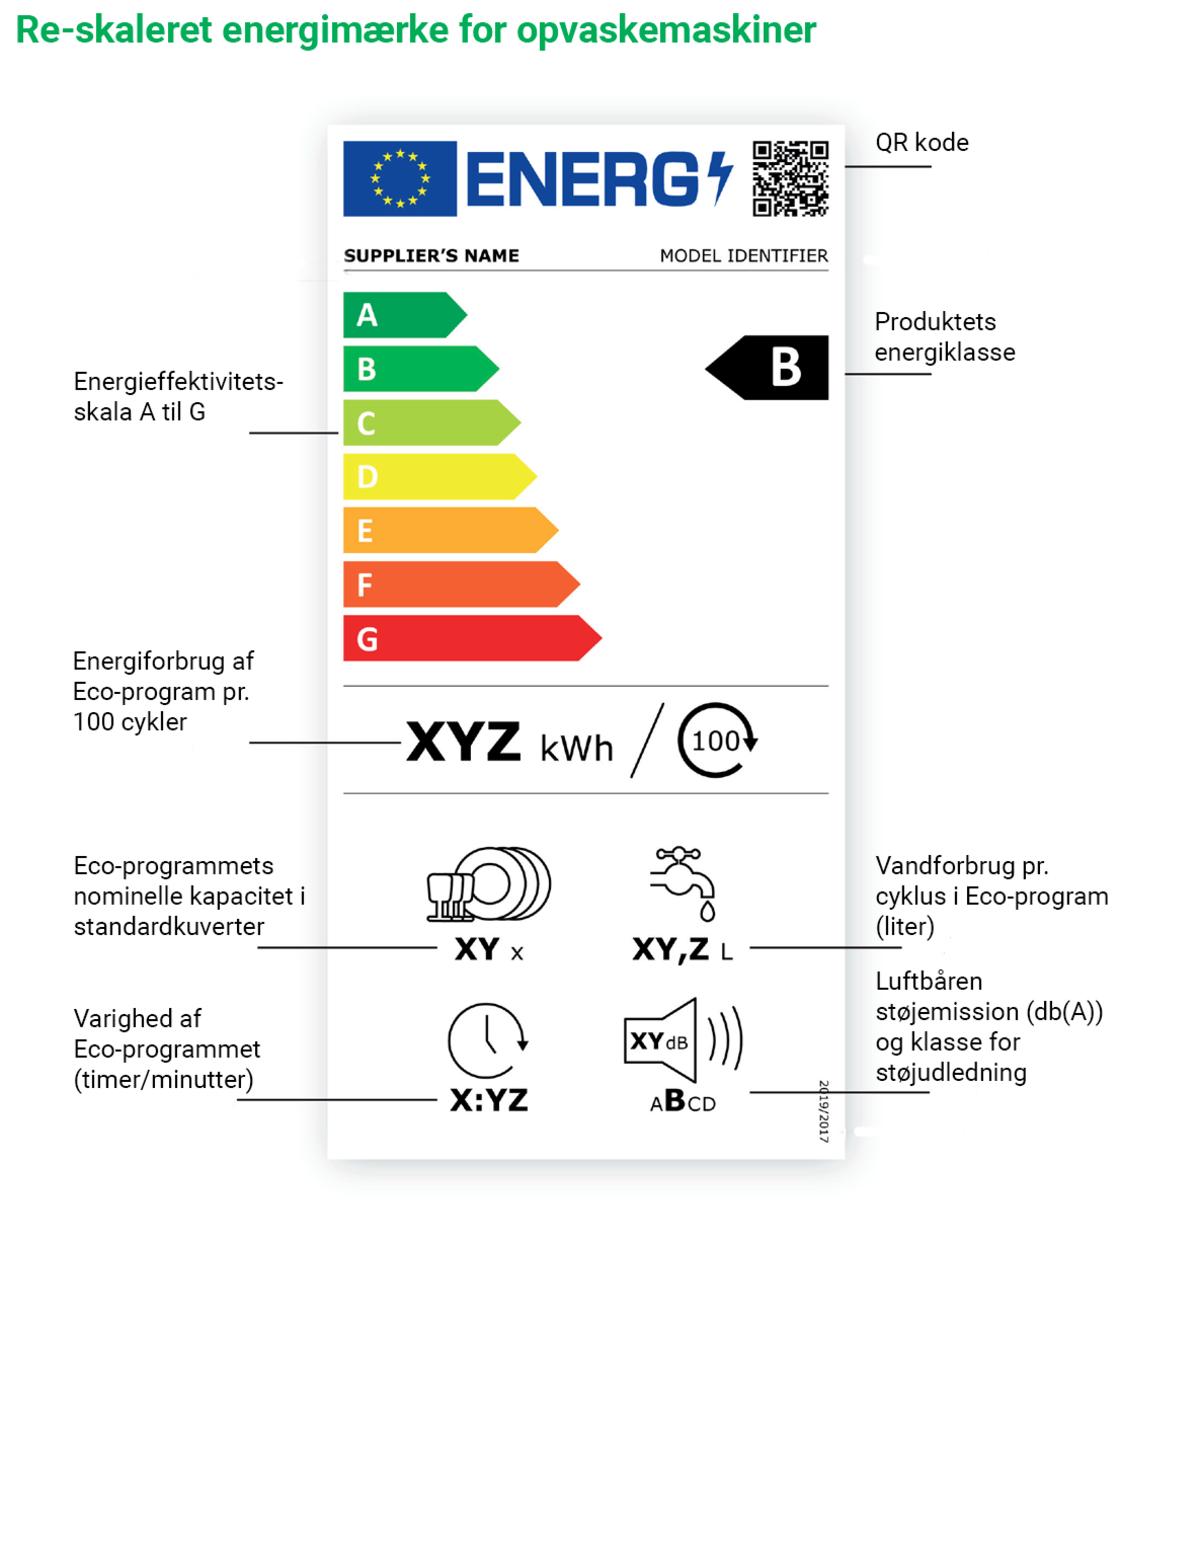 Energimærkning opvaskemaskiner